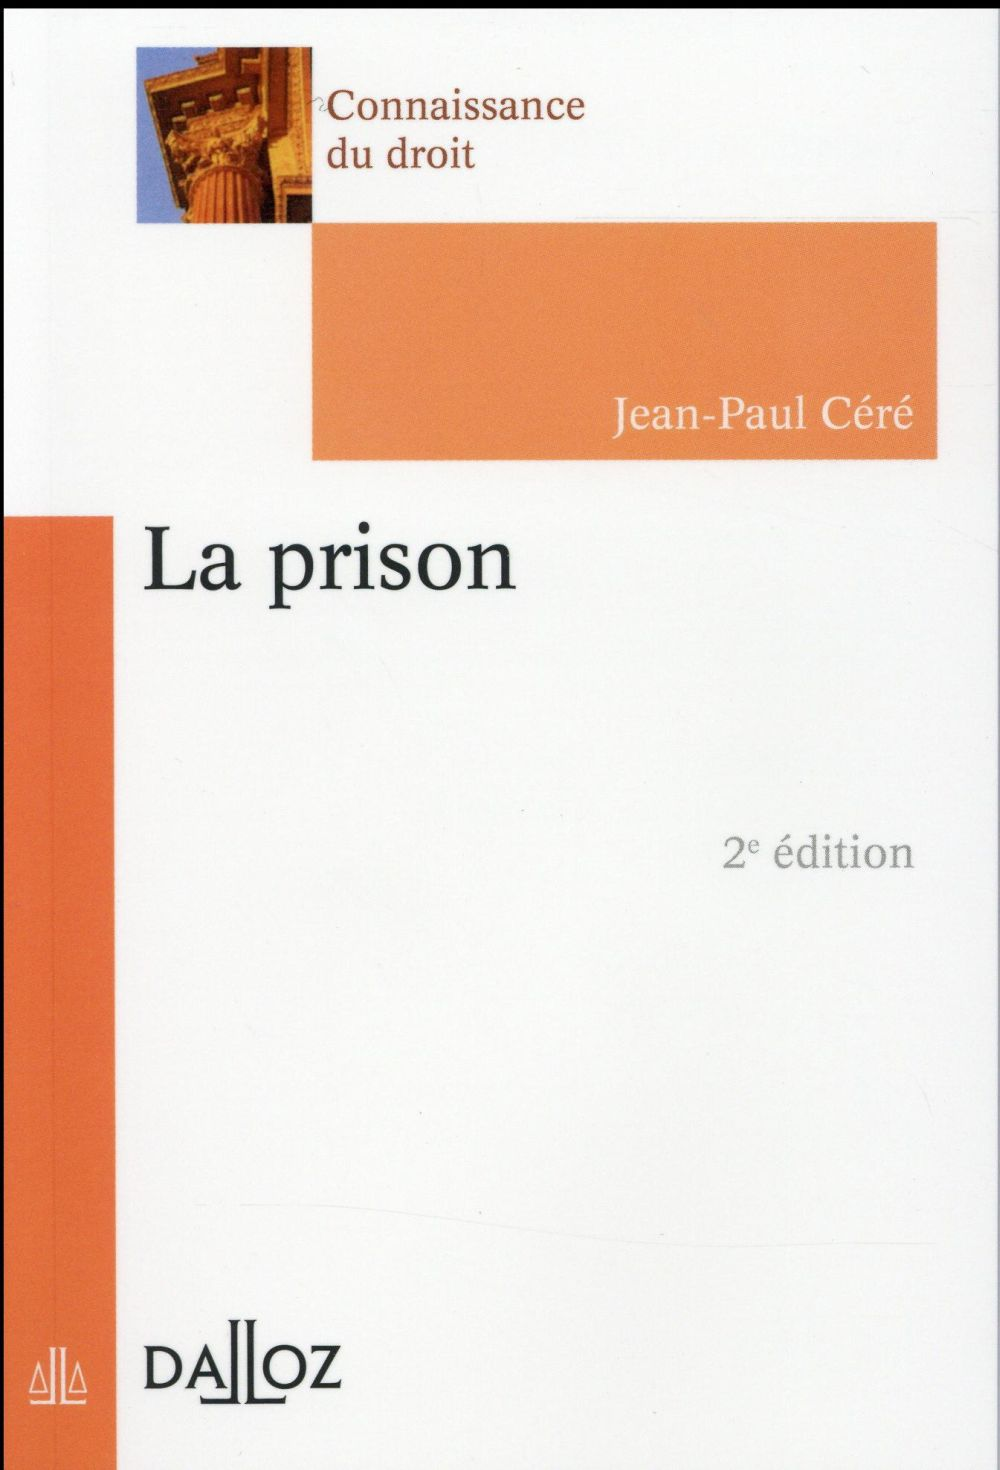 La prison (2e édition)